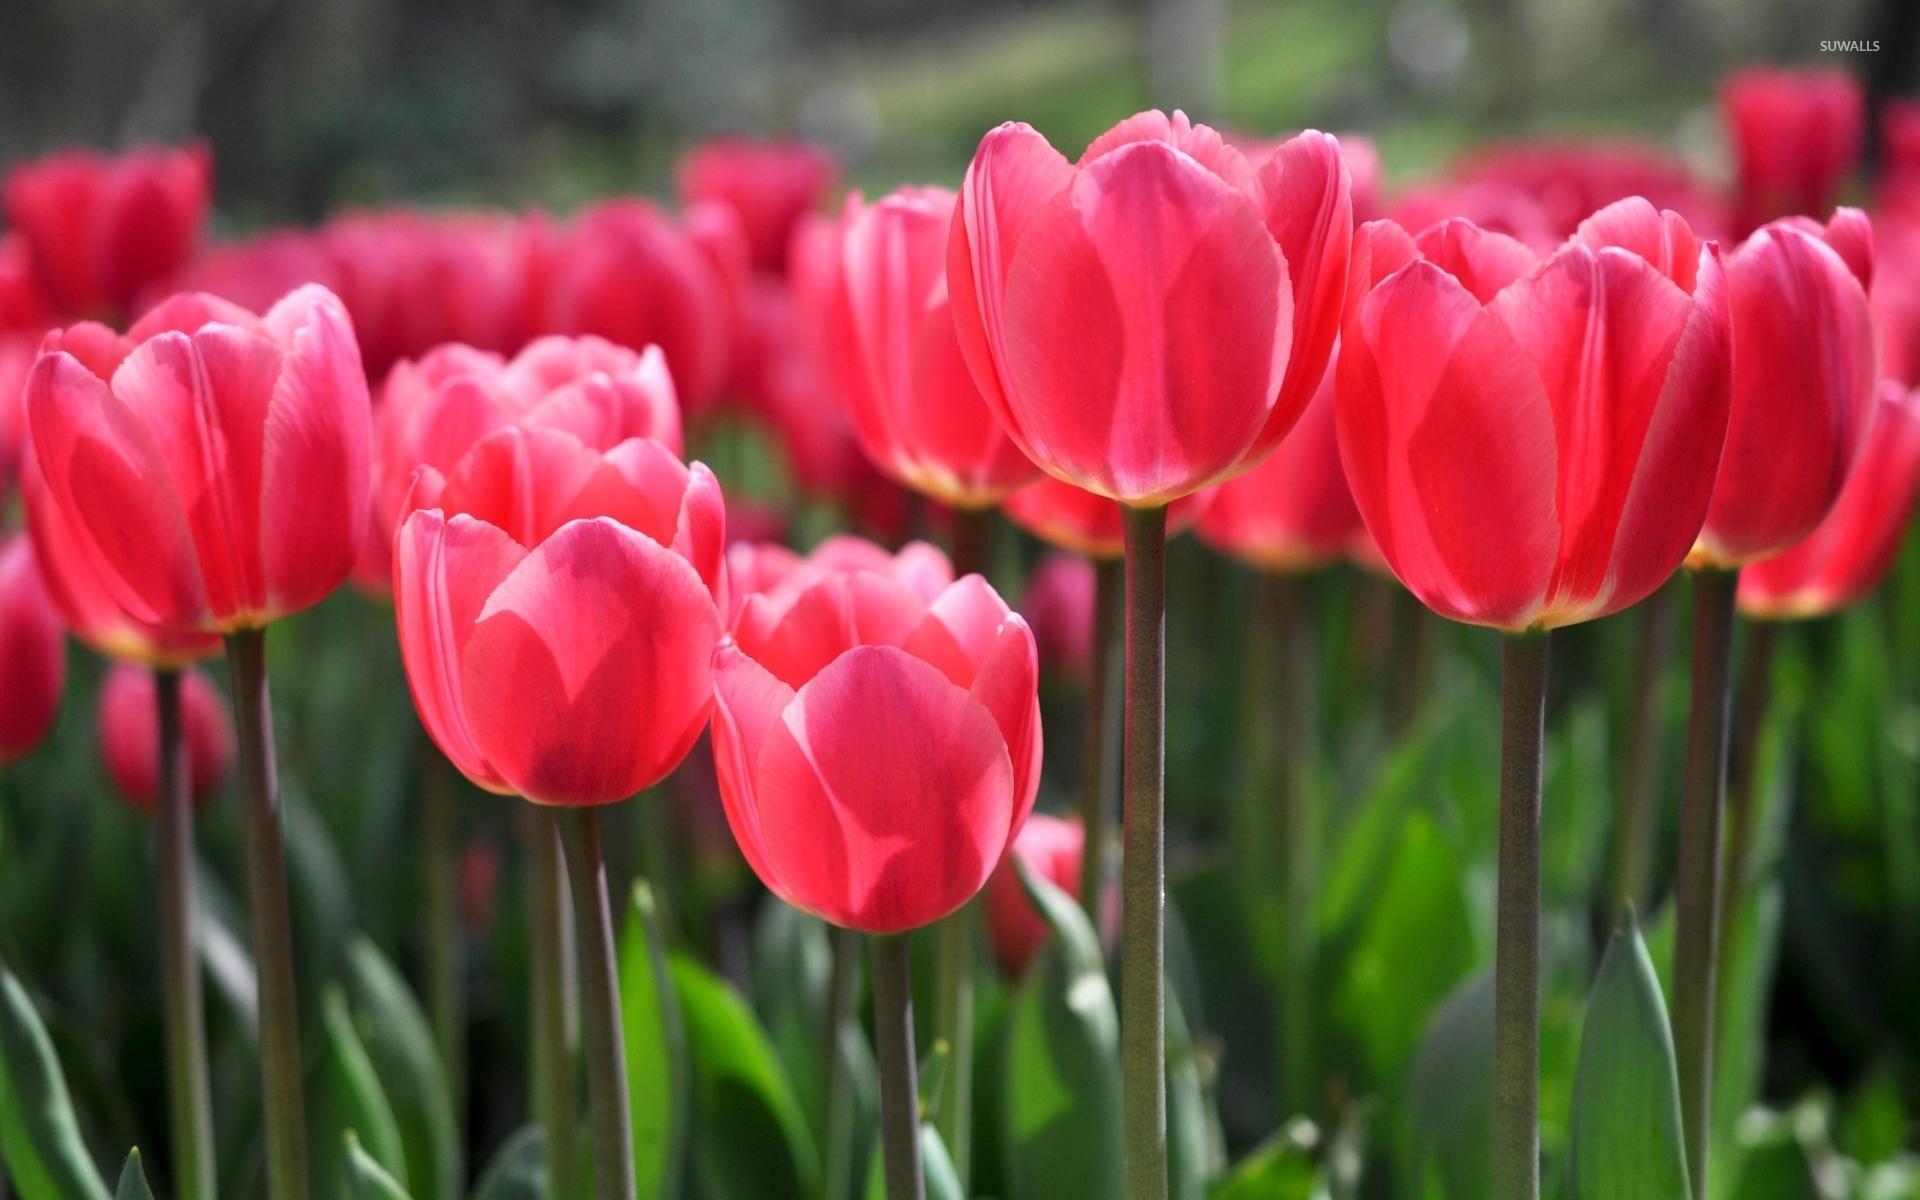 Pink Tulips Wallpaper - WallpaperSafari